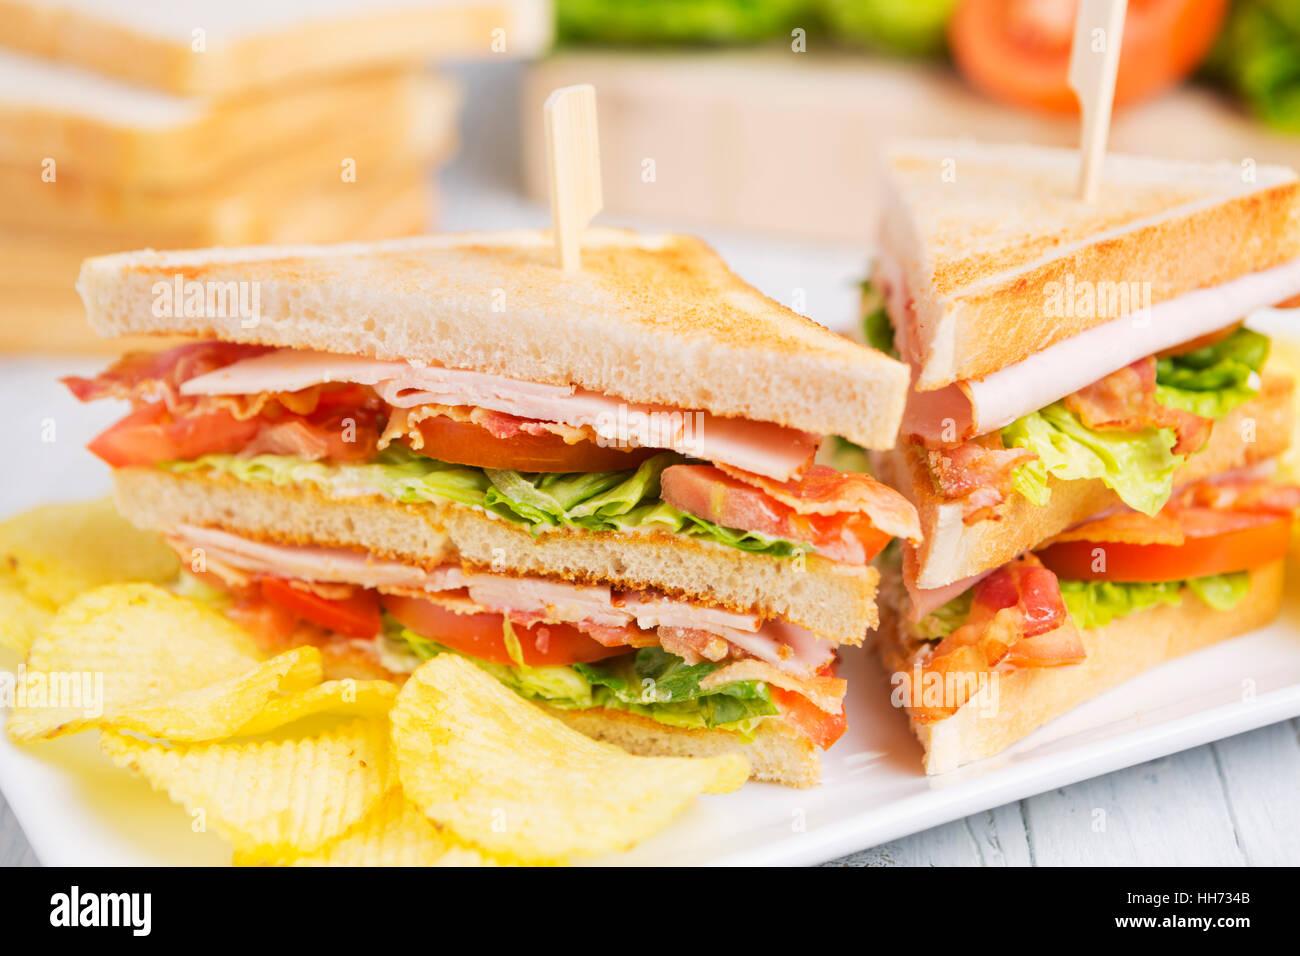 Un club sandwich sur une table rustique dans une lumière vive. Photo Stock